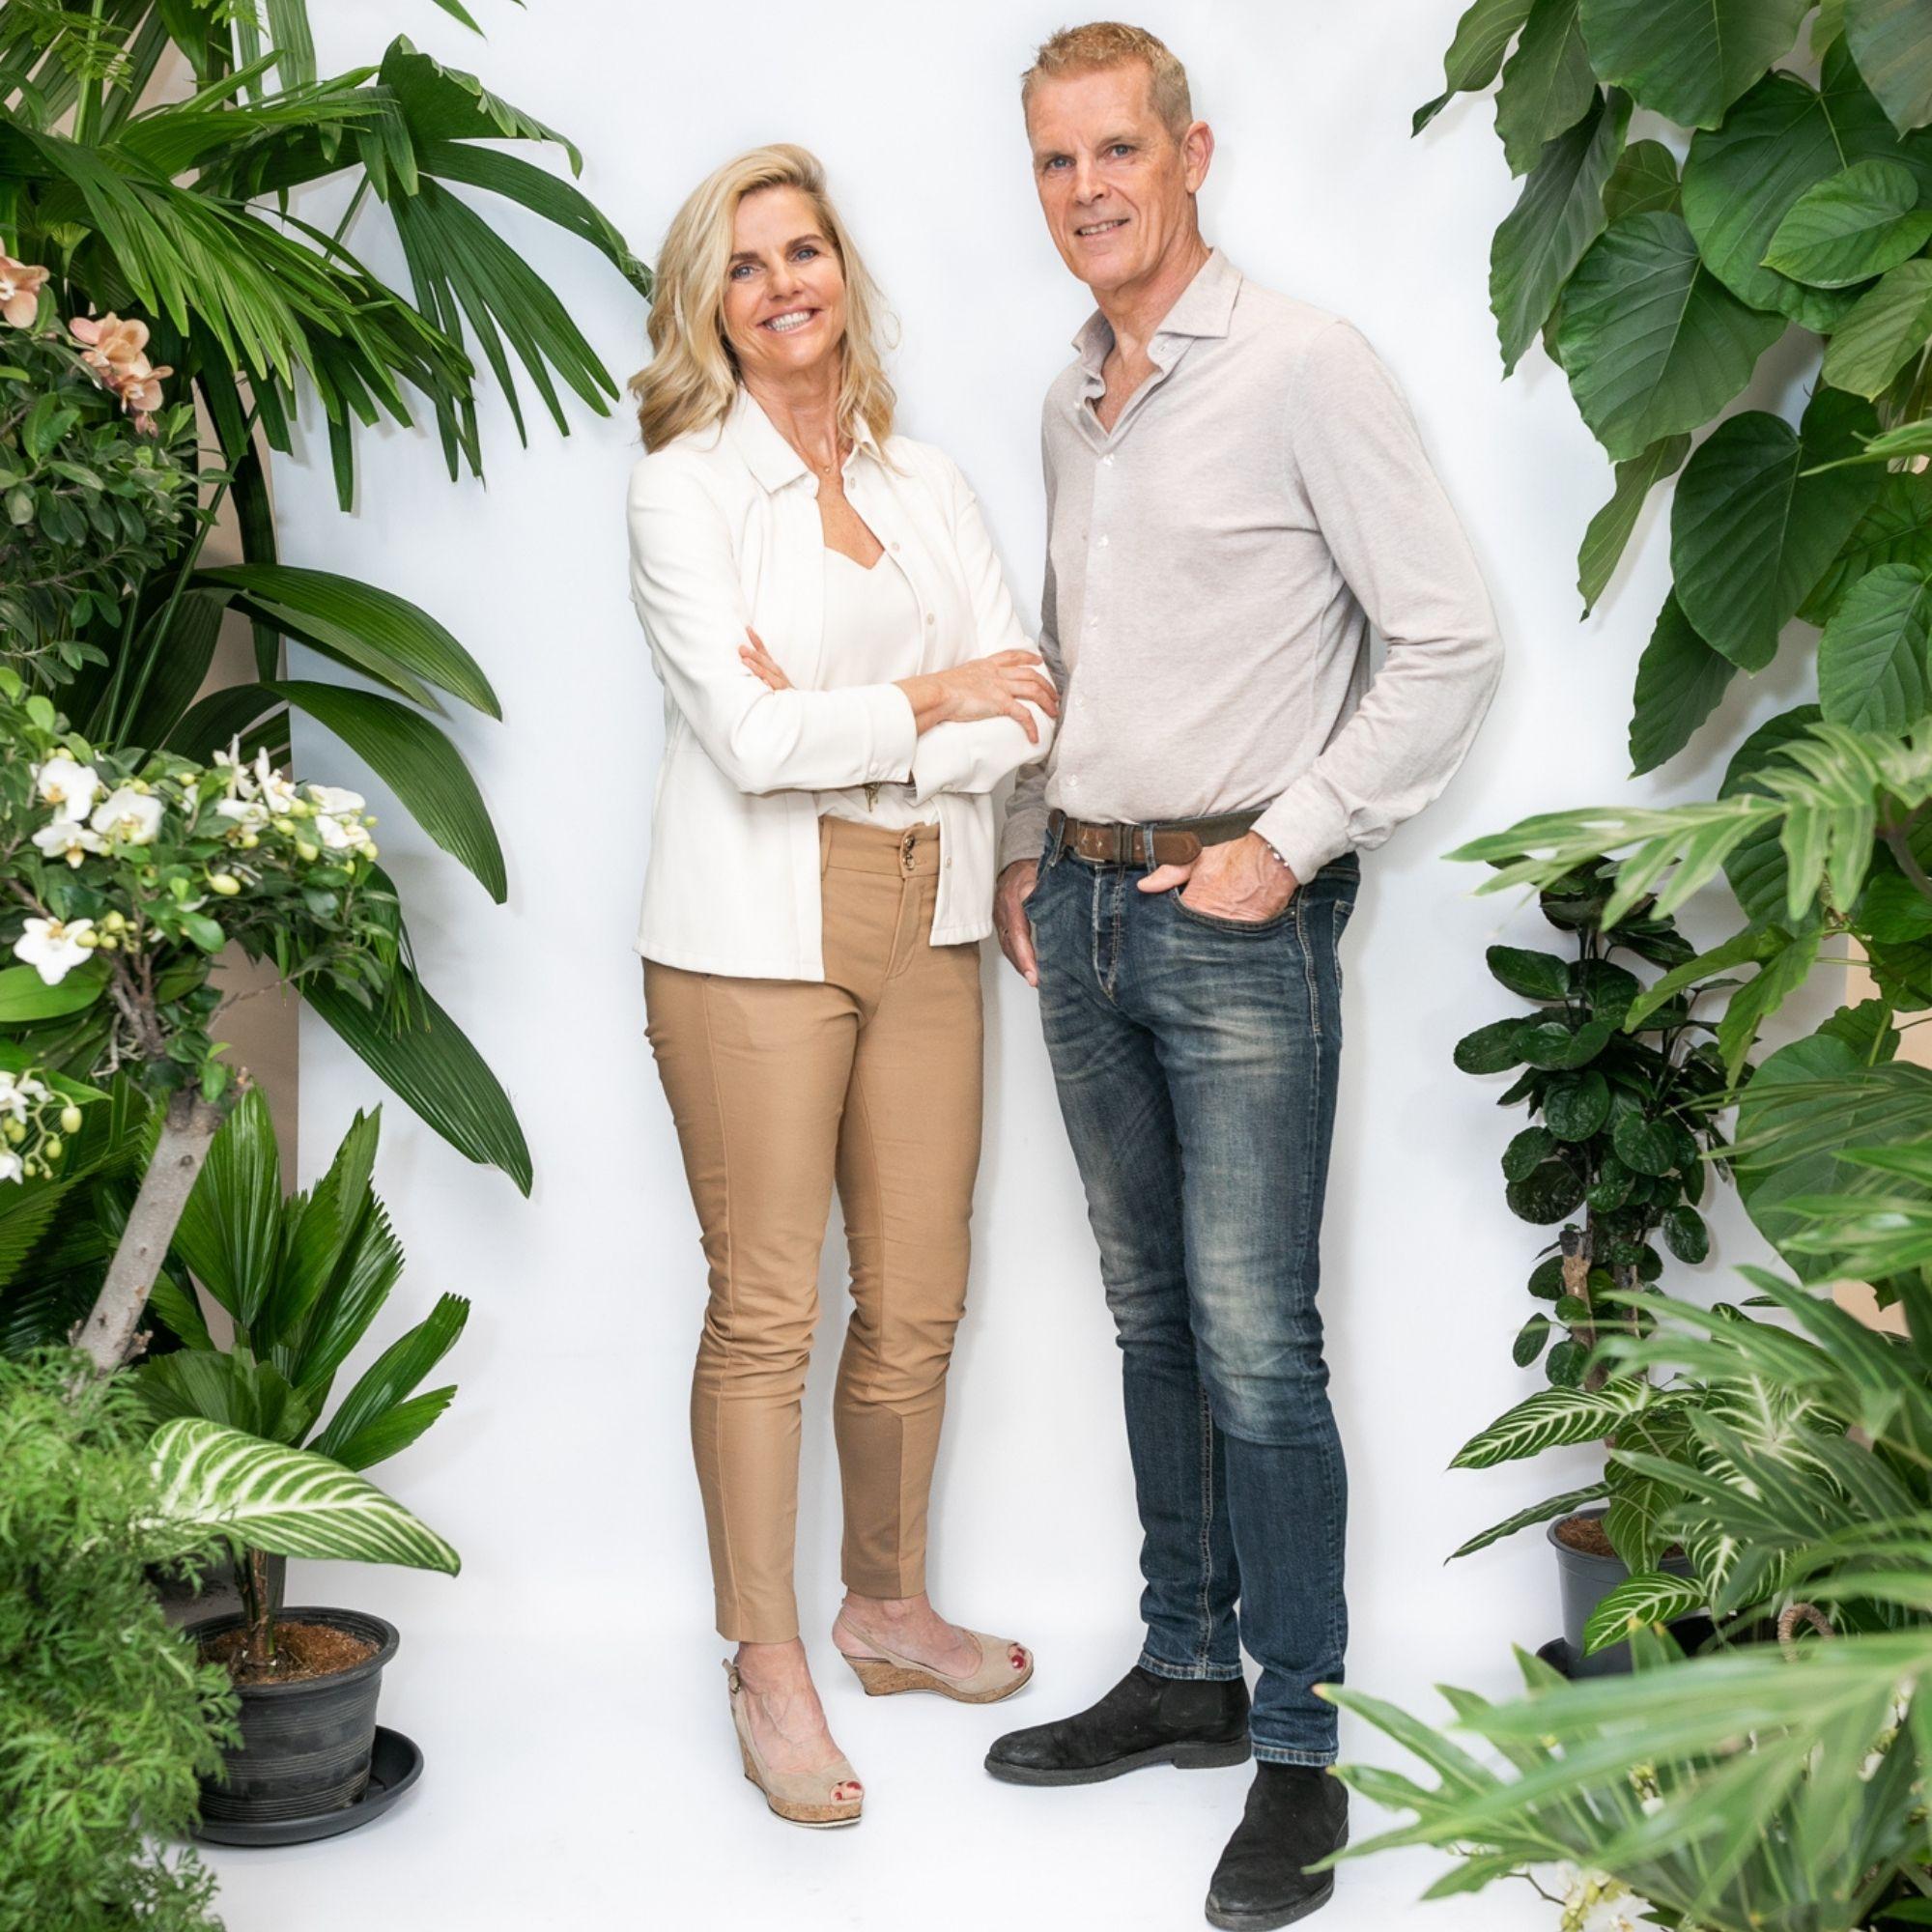 Rob & Desiree Olsthoorn Kolibri Company